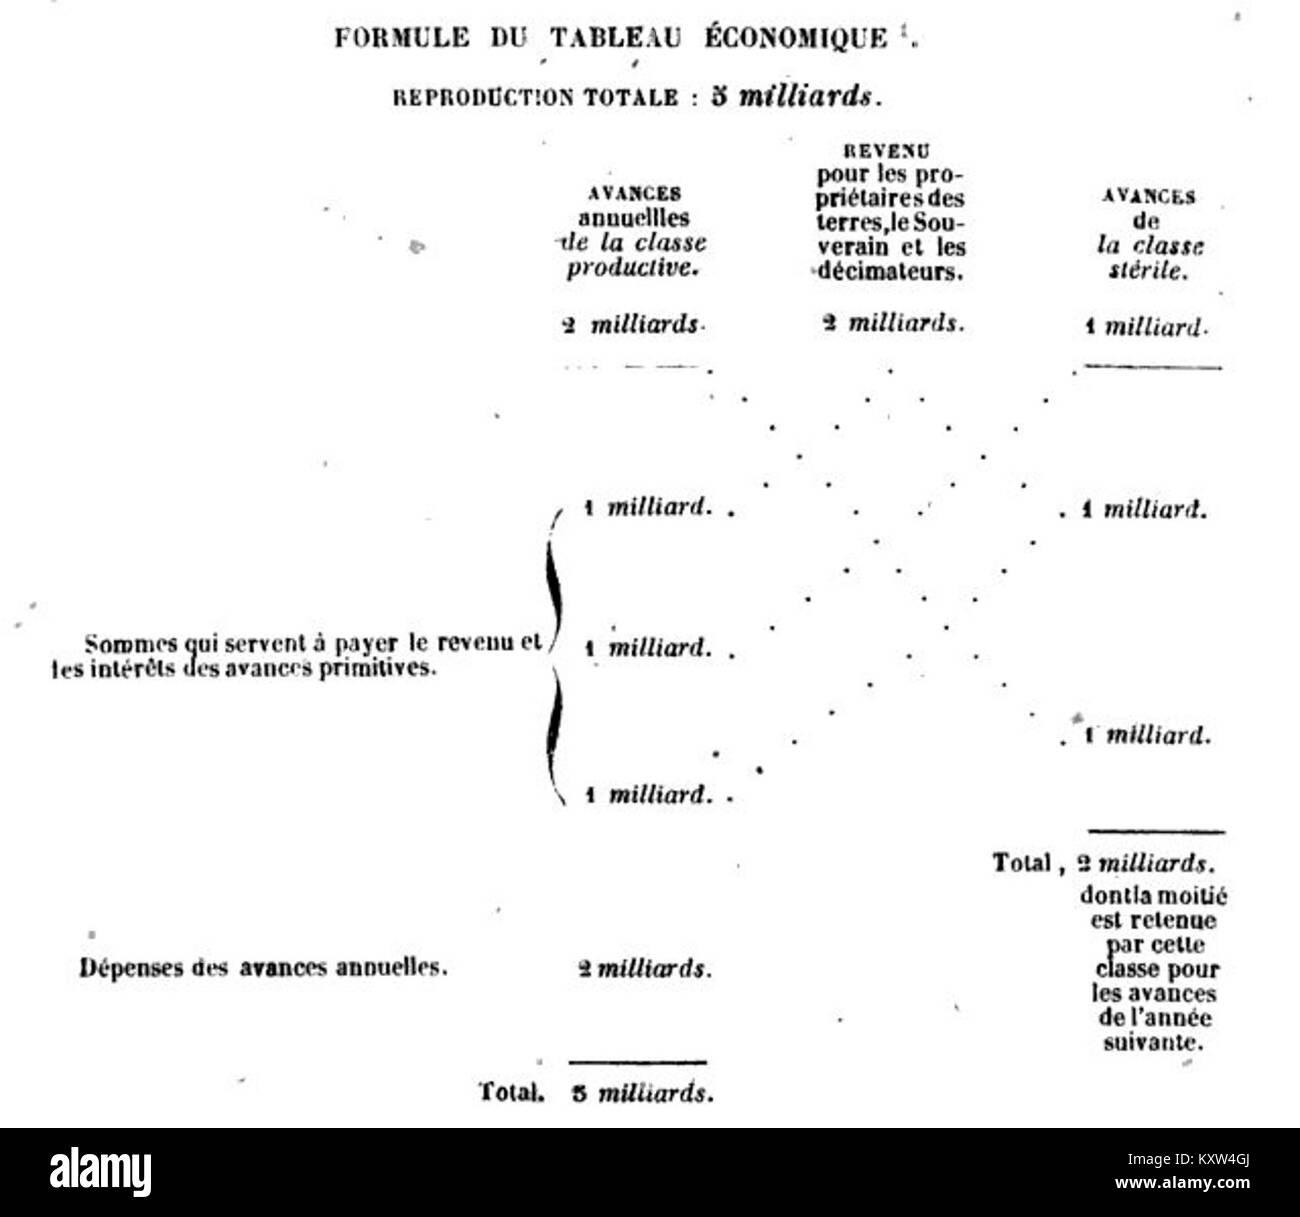 Formule du Tableau Economique, 1848 - Stock Image